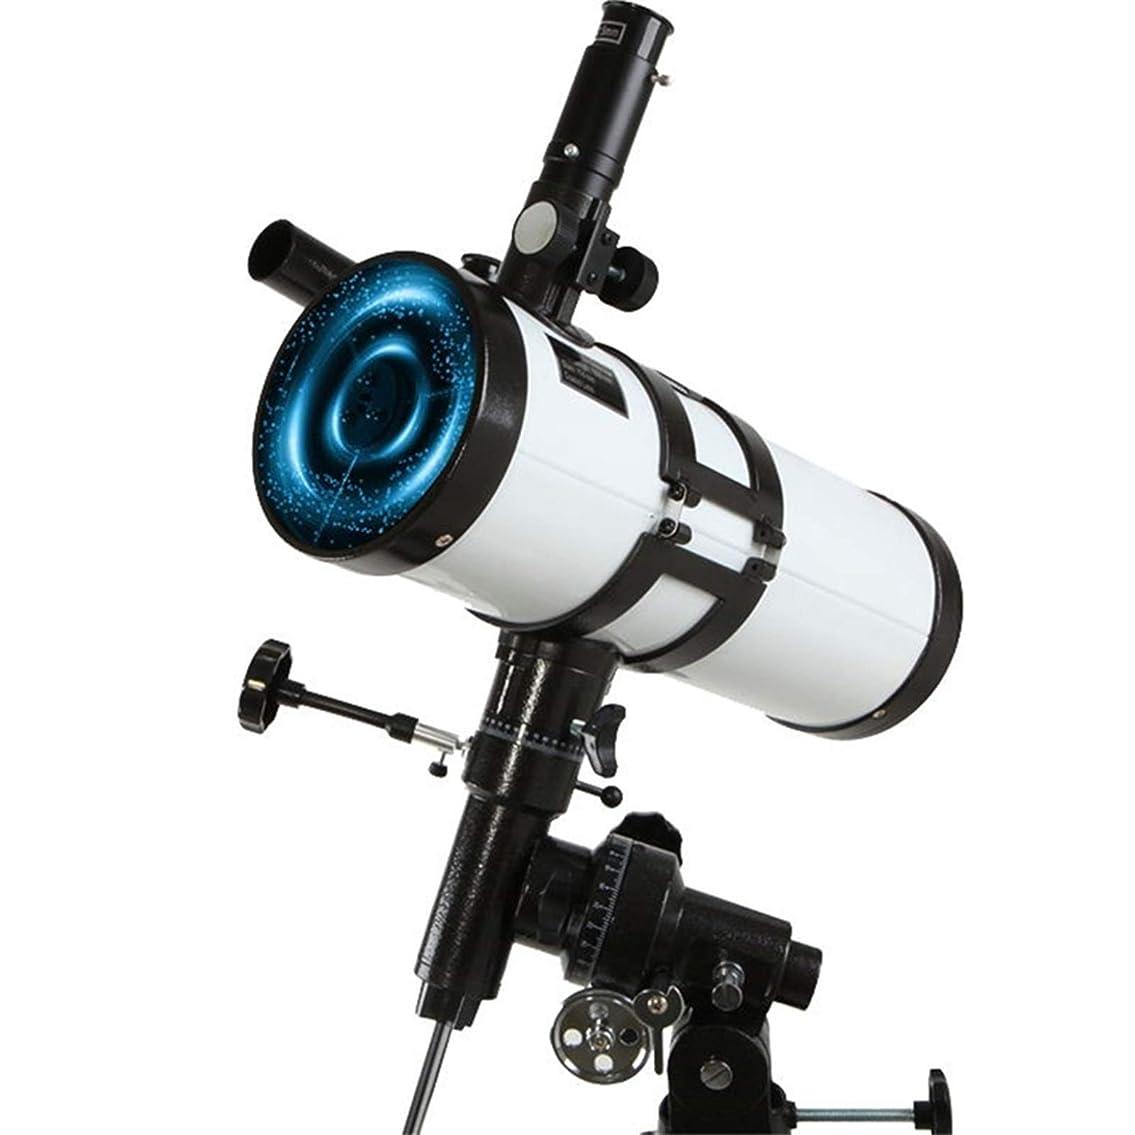 ケーキ経験的素晴らしい良い多くの天文反射天体望遠鏡、天体望遠鏡子供 天文学子供と大人の初心者のための望遠鏡、三脚、114ミリメートル望遠鏡については天文学が付属しています天体望遠鏡初心者 (Color : Package 2)